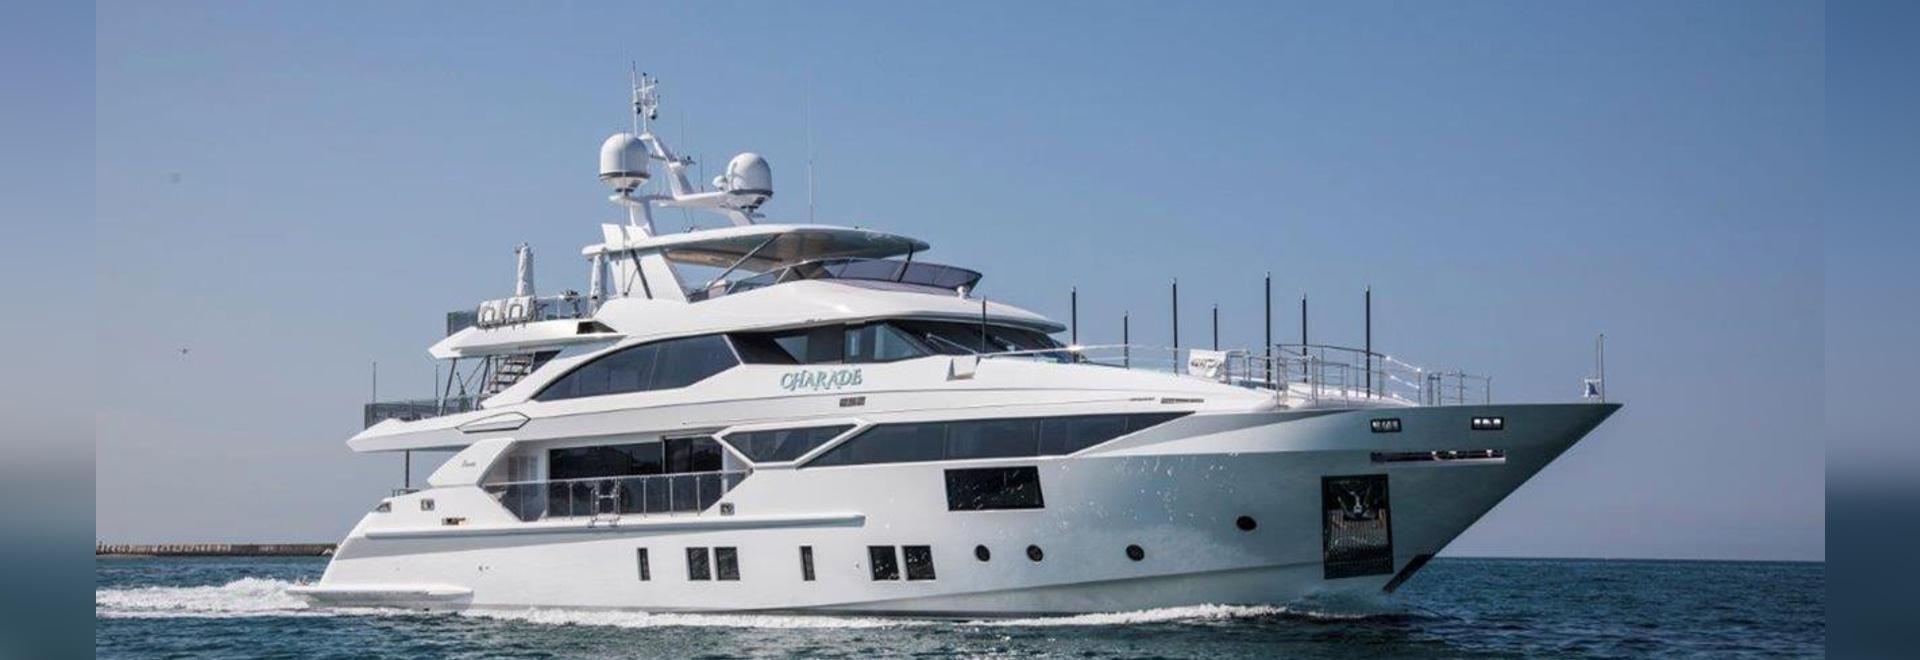 Benetti fournit la sixième charade rapide de 125 yachts